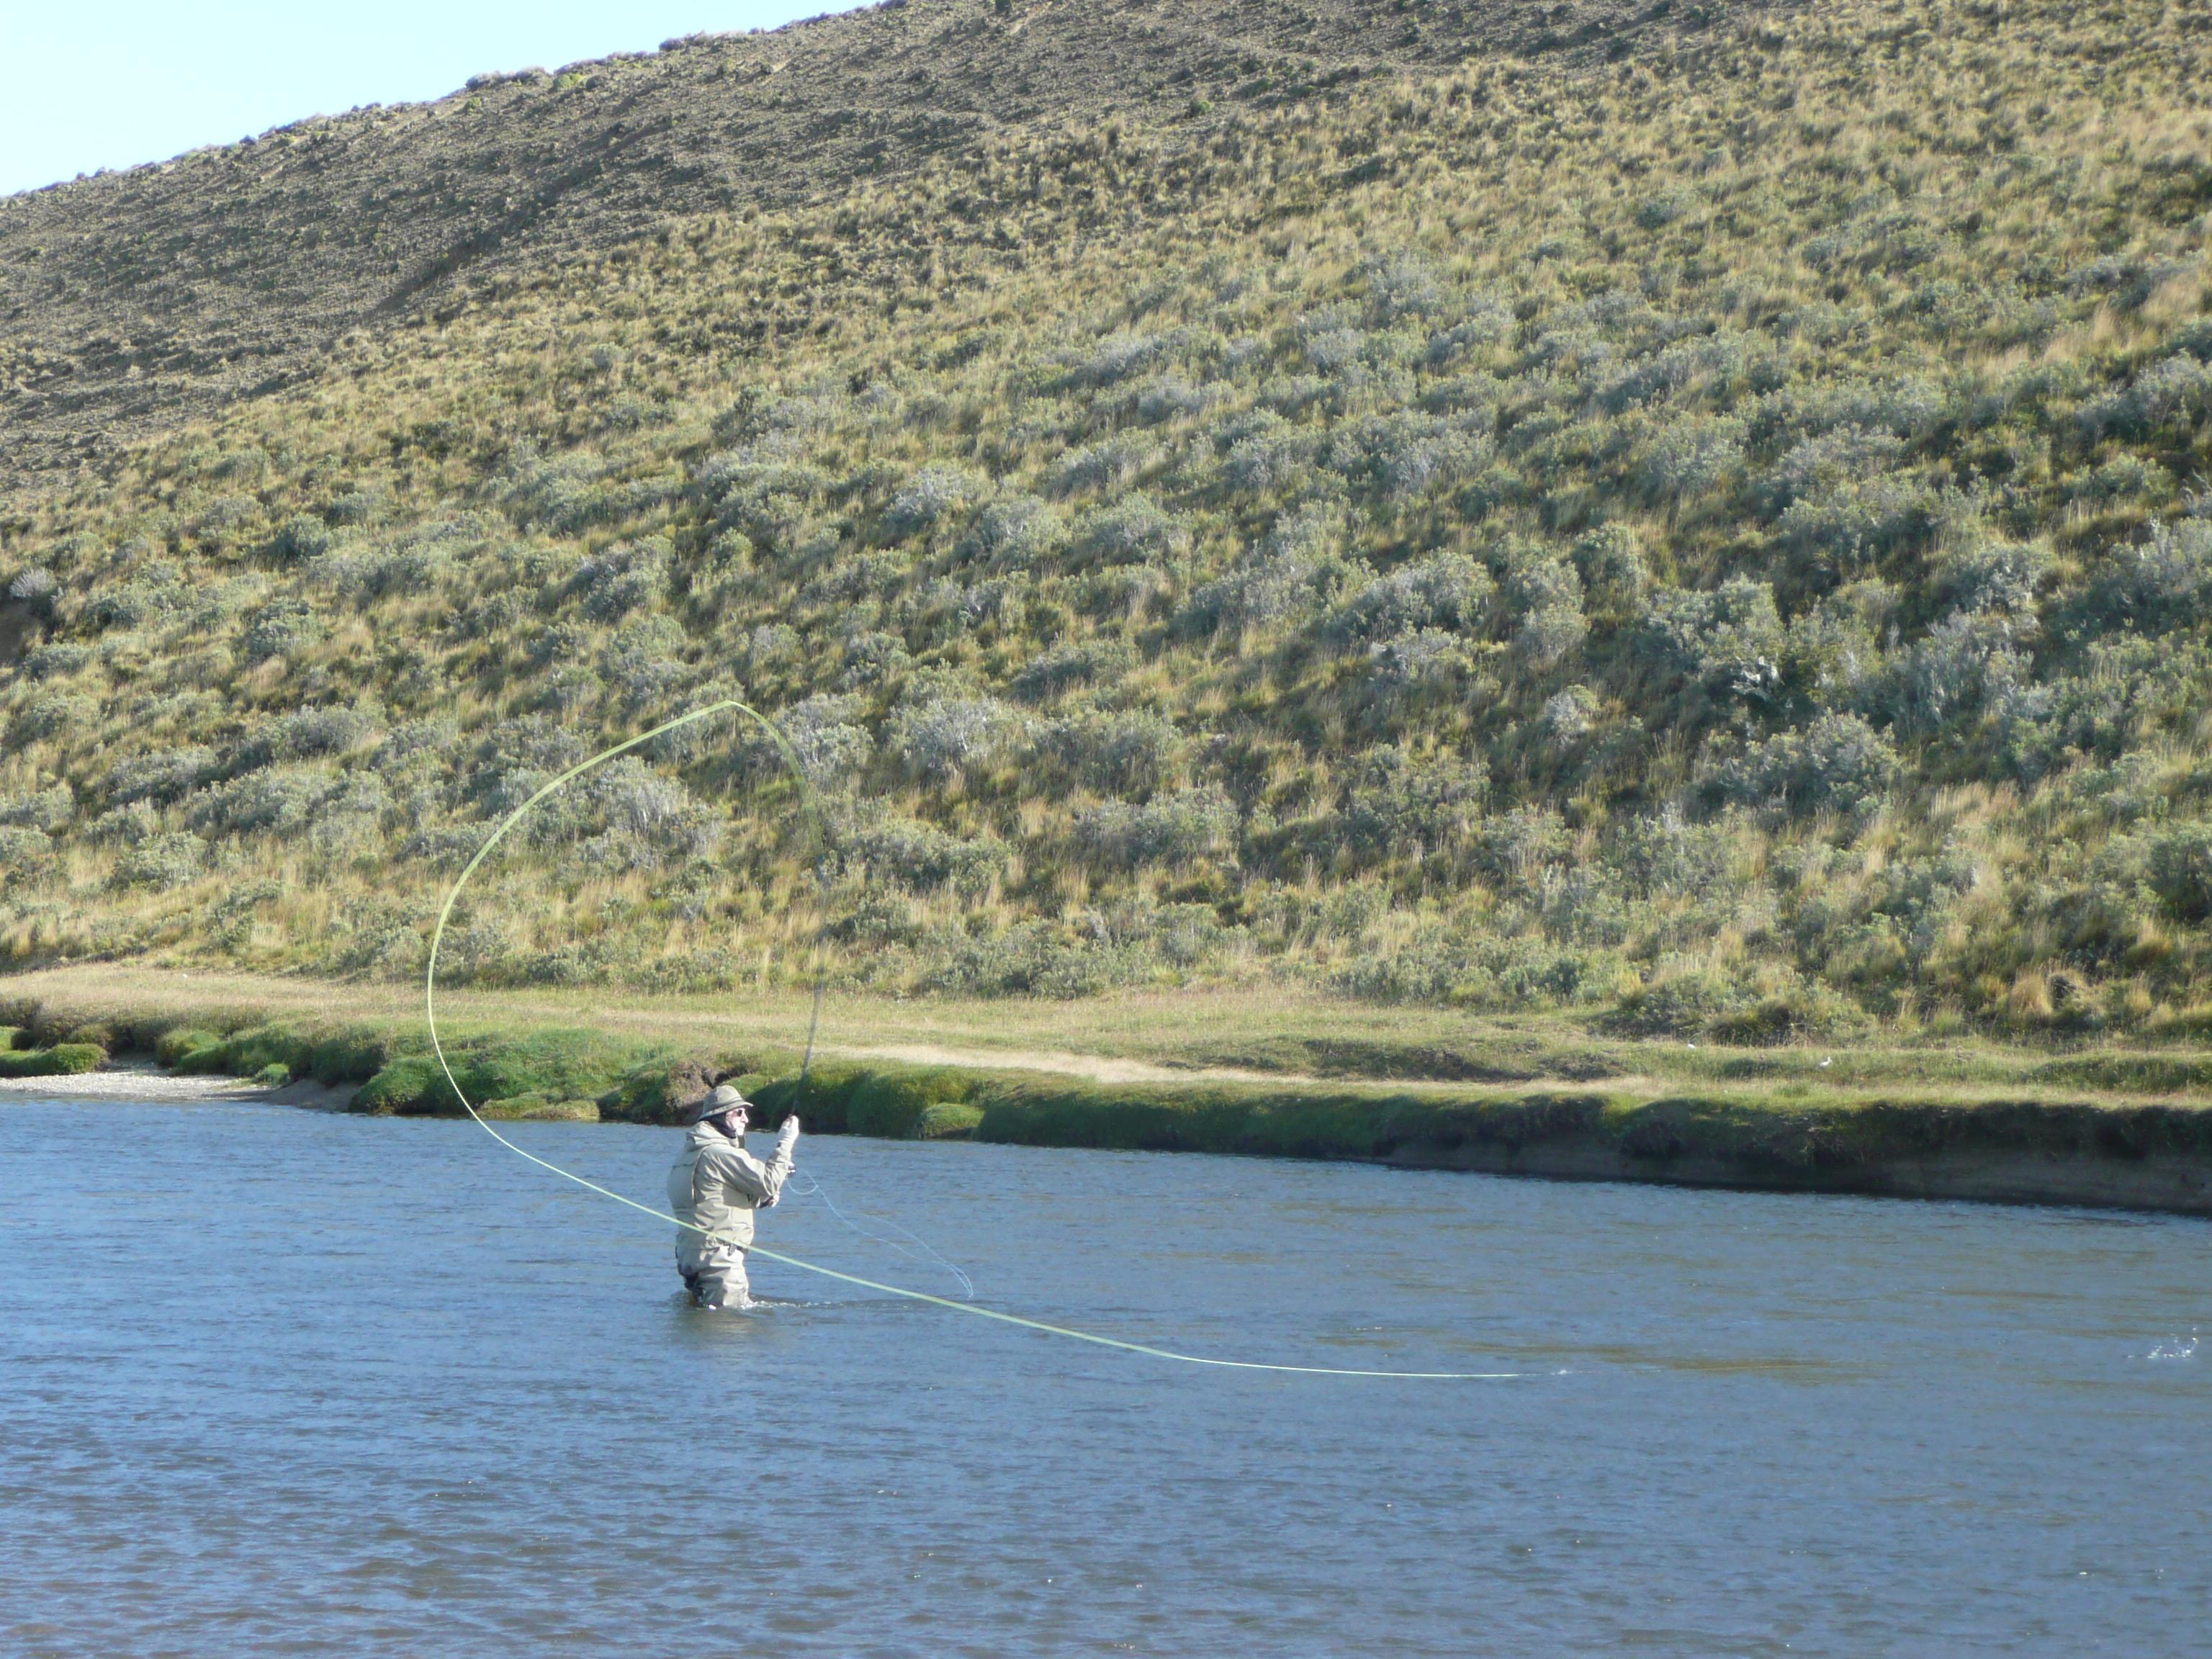 Spey Cast sur le Rio Grande